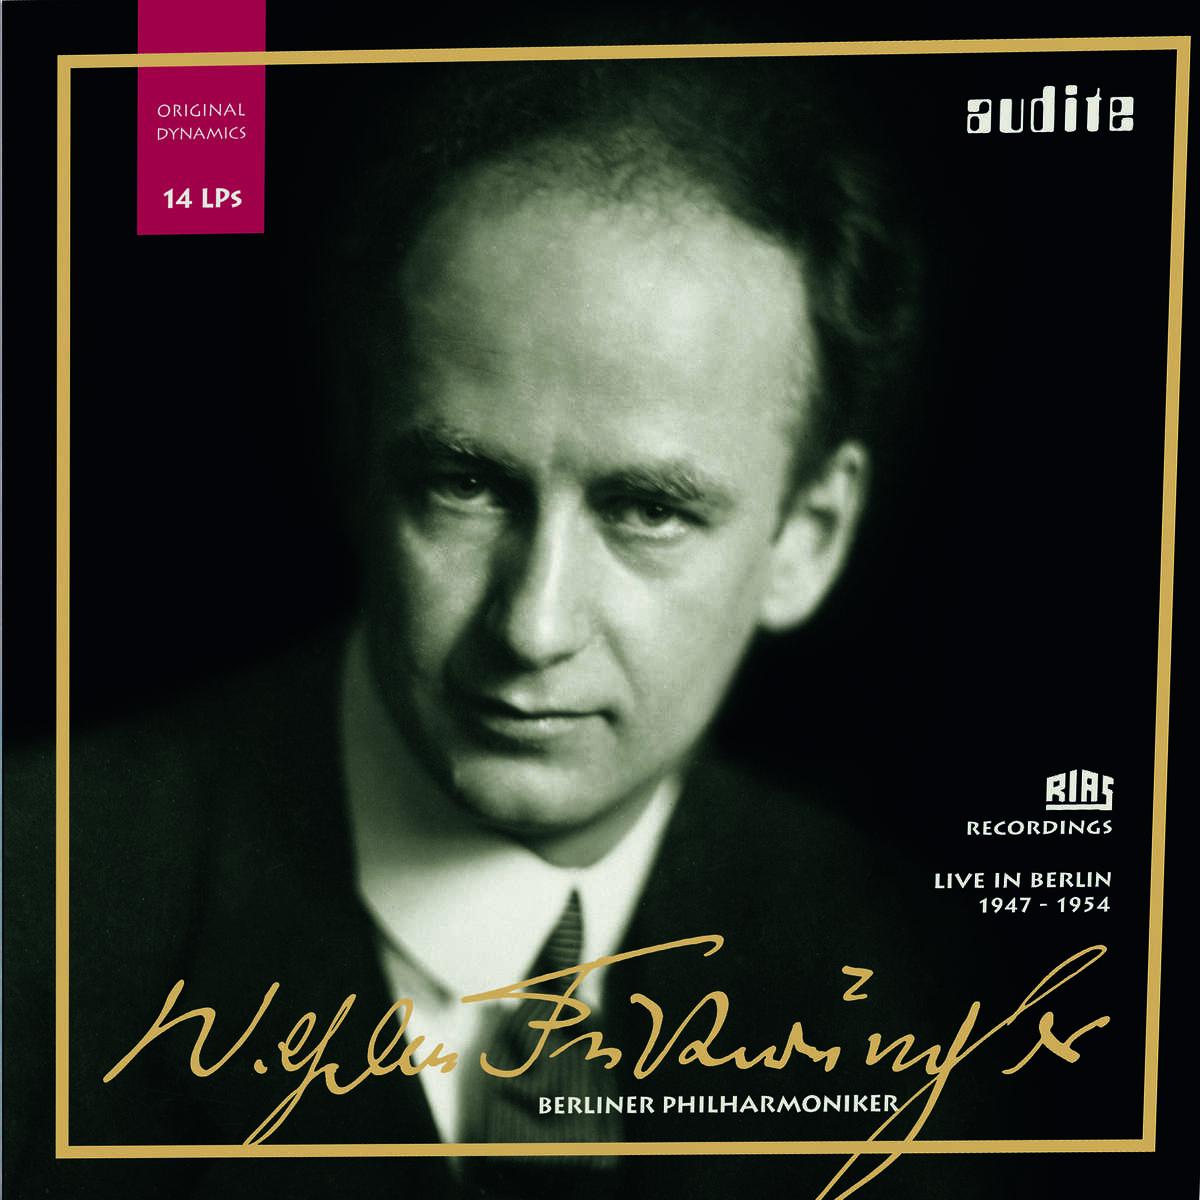 Edition Wilhelm Furtwängler – RIAS recordings with the Berlin Philharmonic on 14 LPs